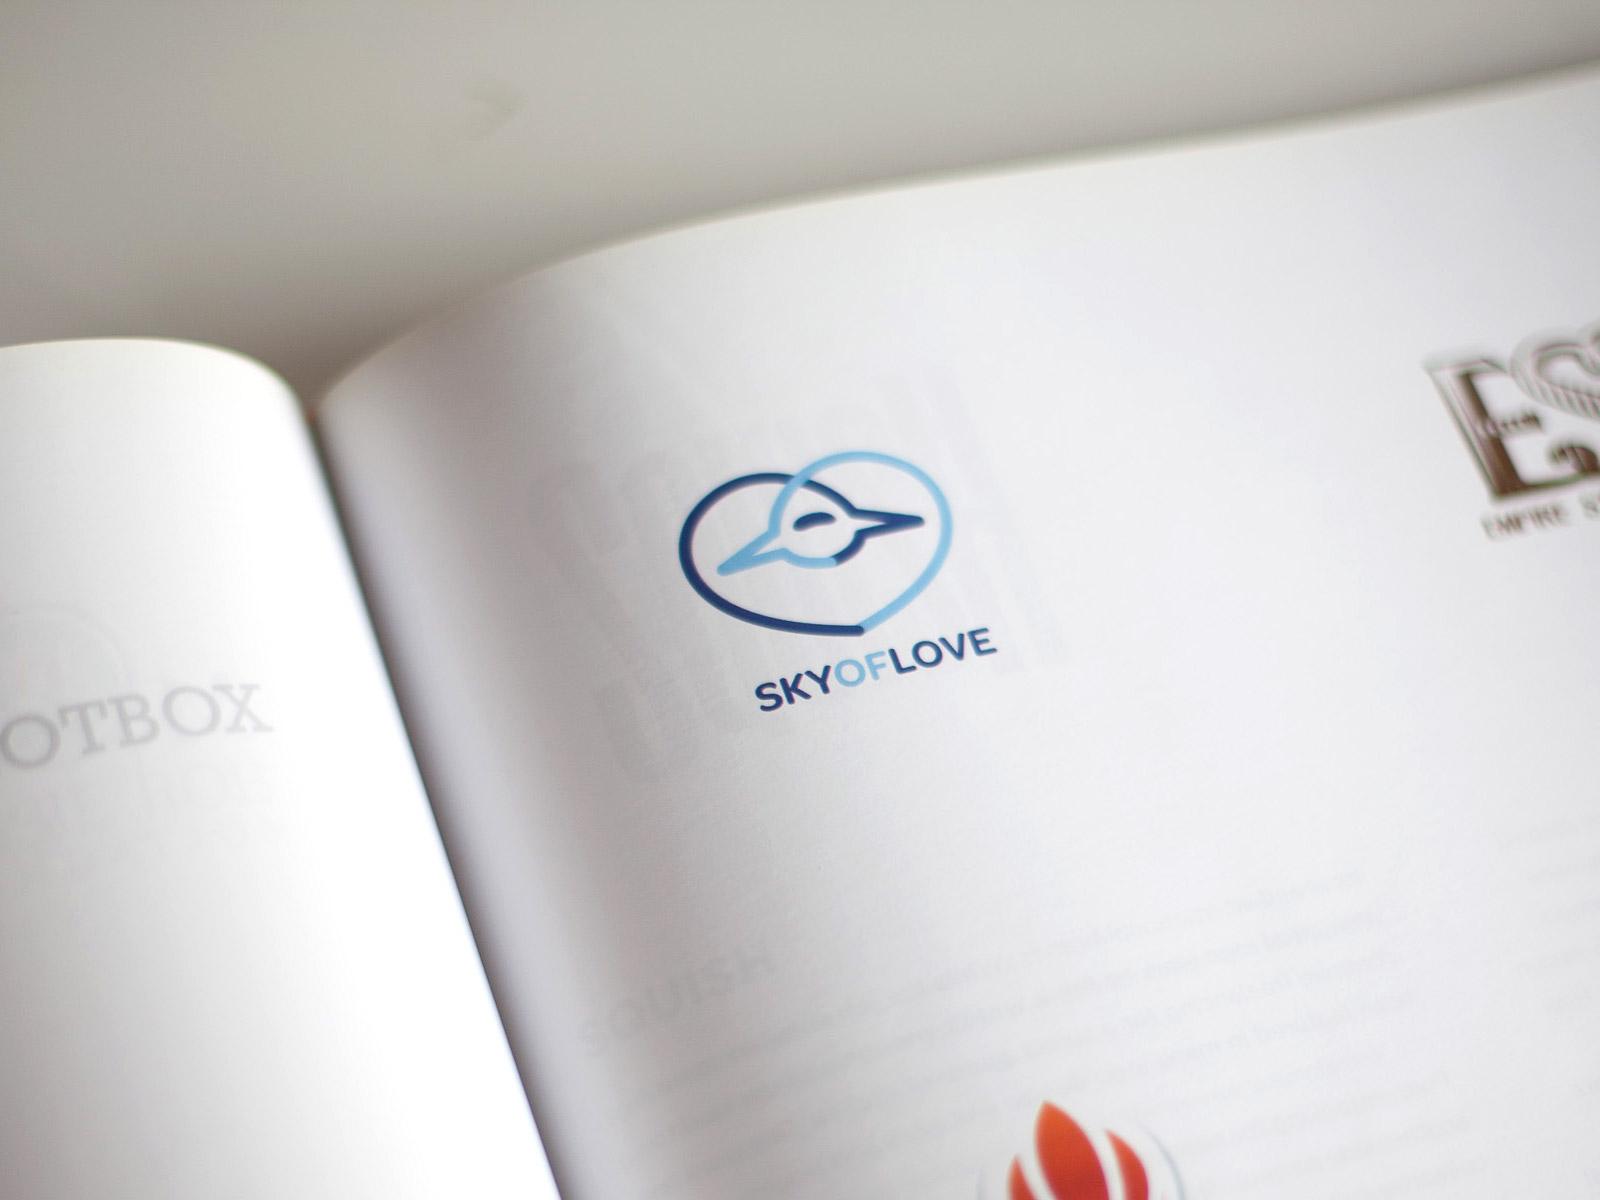 Sky of love published logo design